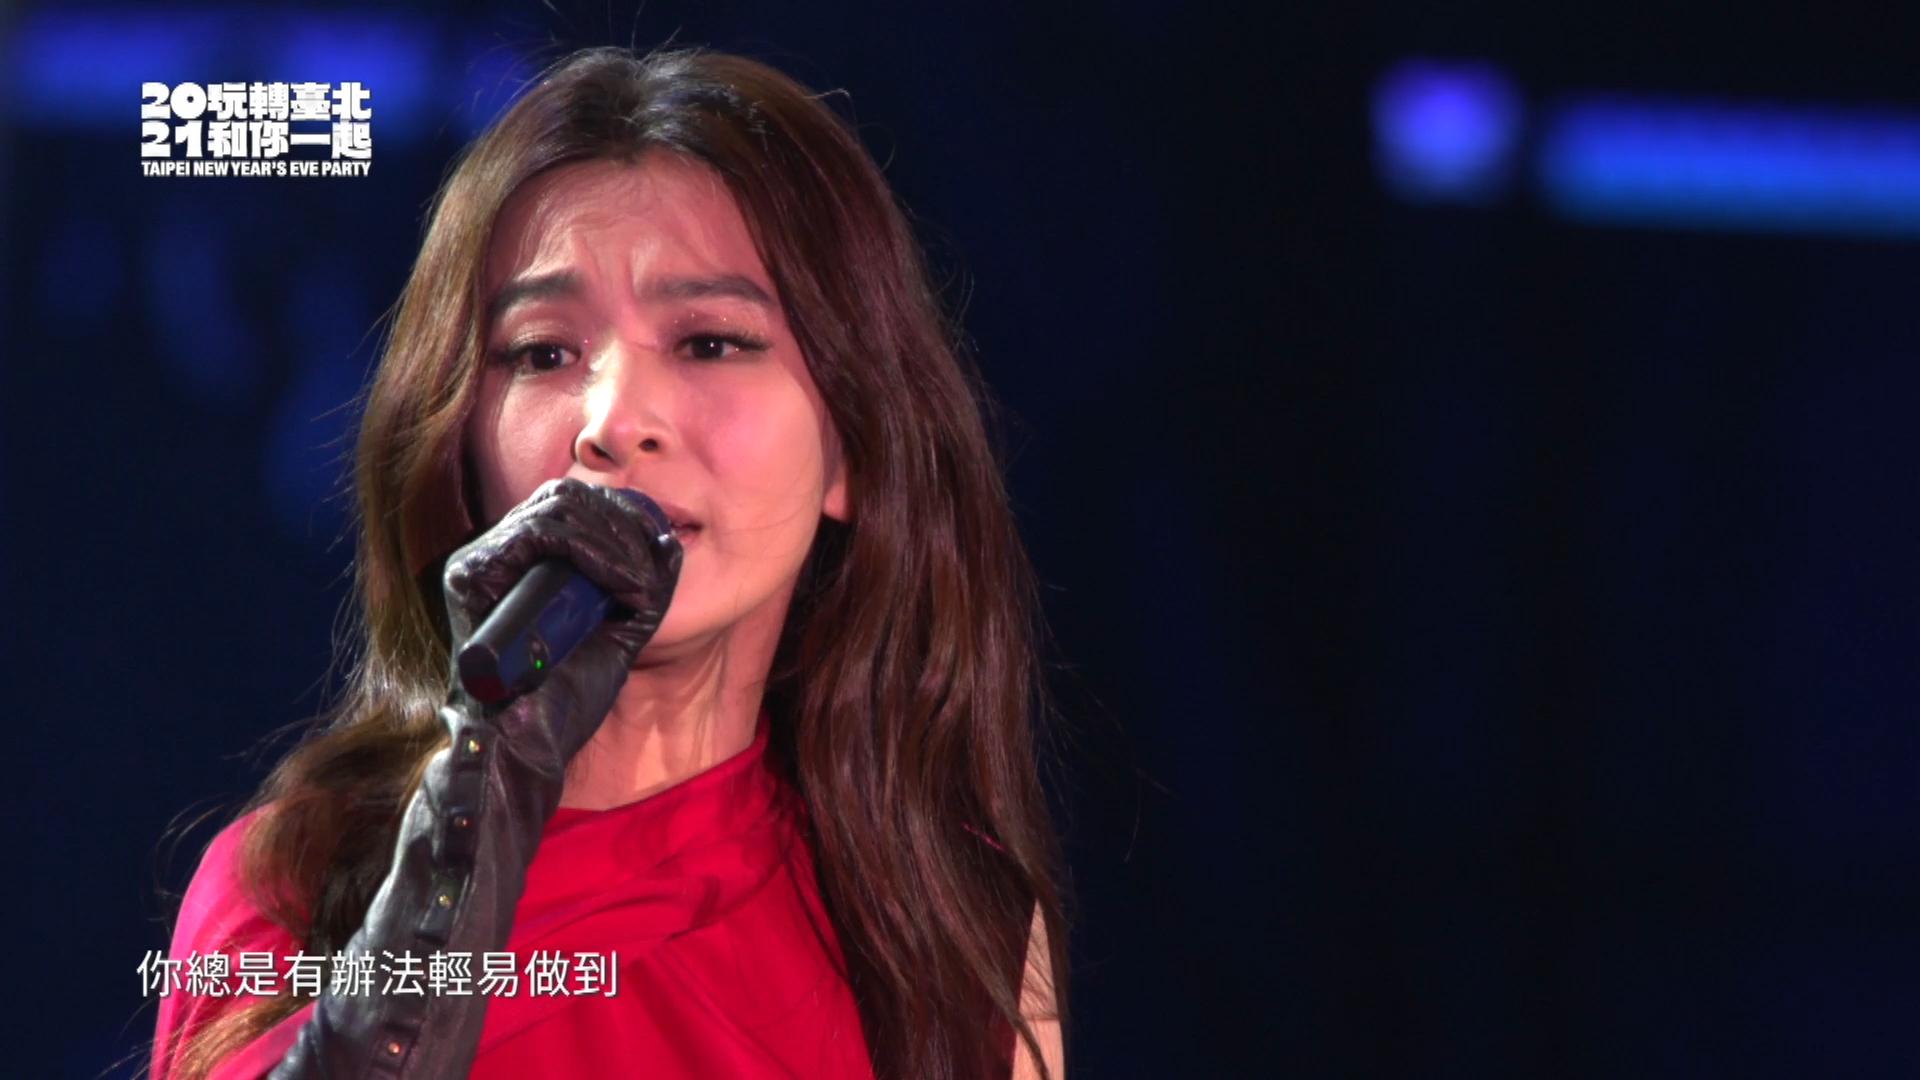 田馥甄〈先知〉+〈不醉不會〉+〈你就不要想起我〉+〈無人知曉〉-2021臺北最HIGH新年城跨年晚會